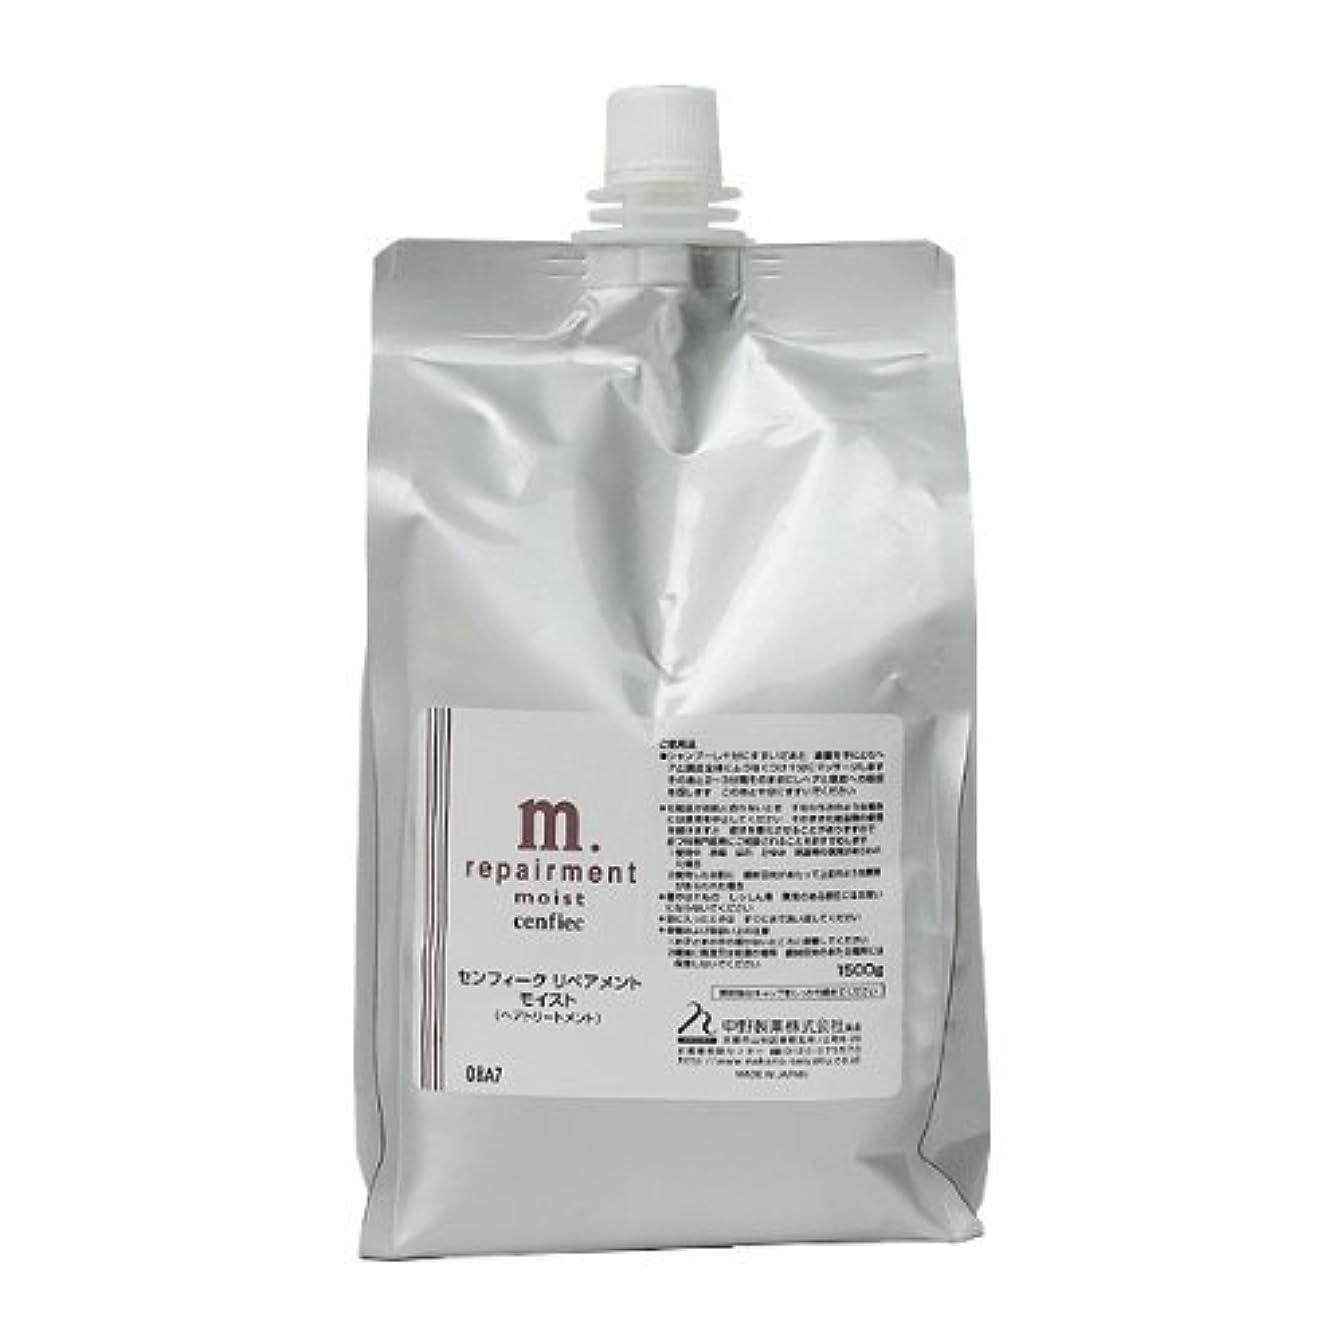 脅威内部アパル中野製薬 センフィーク リペアメント モイスト レフィル 容量1500g